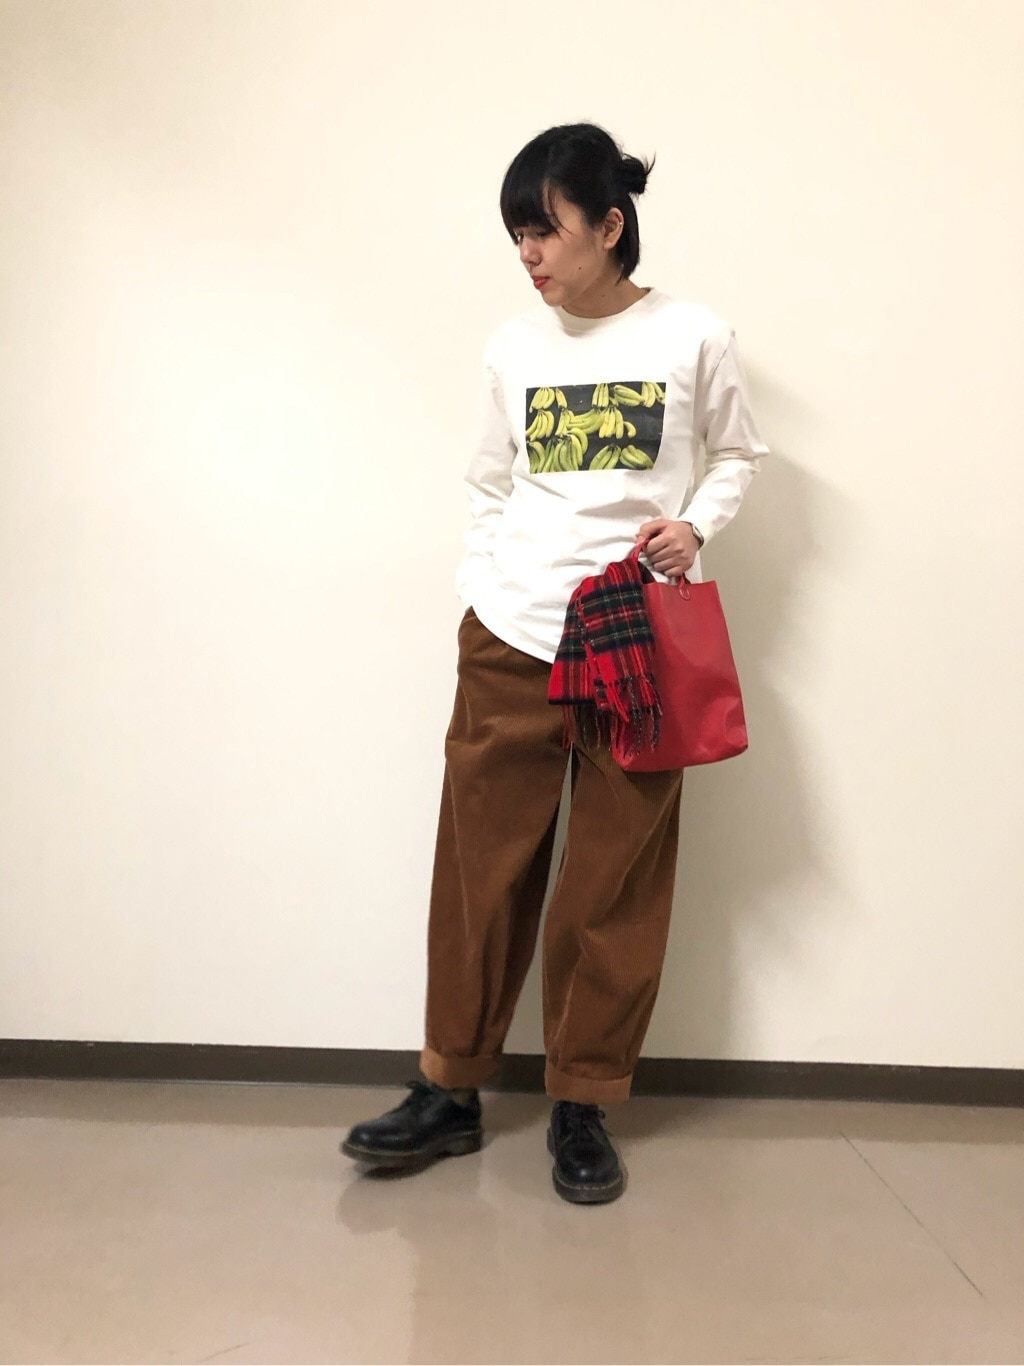 bulle de savon アトレ川崎 身長:168cm 2019.11.24